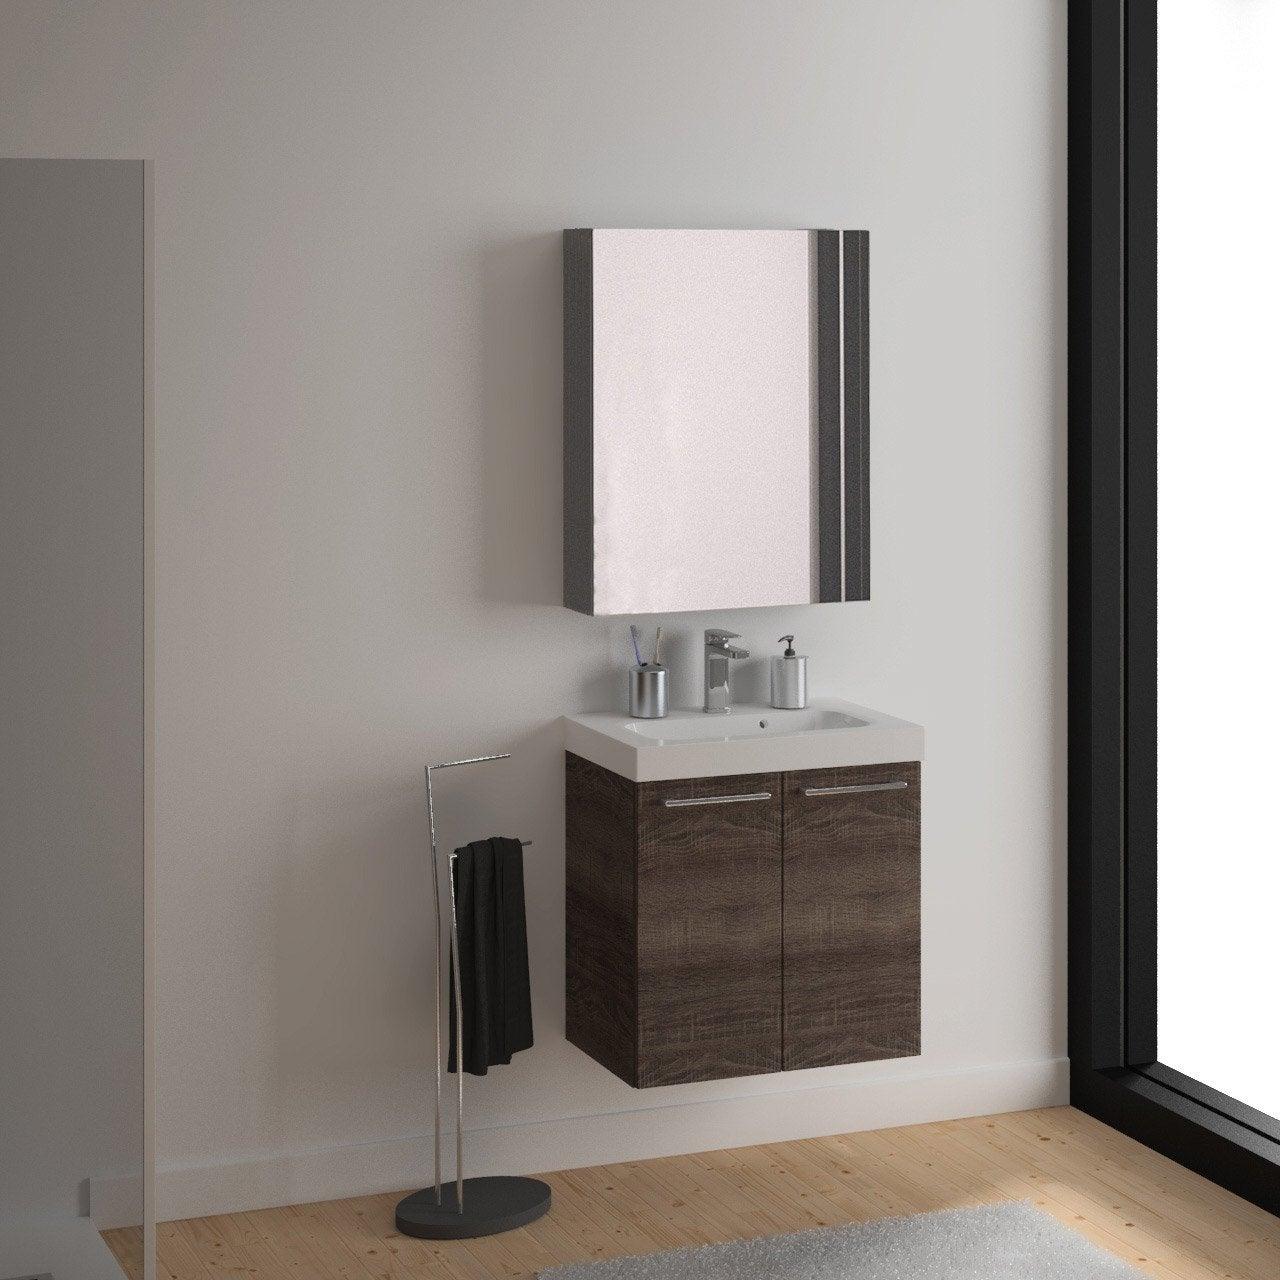 Meuble vasque 61 cm décor chêne havane, Remix   Leroy Merlin